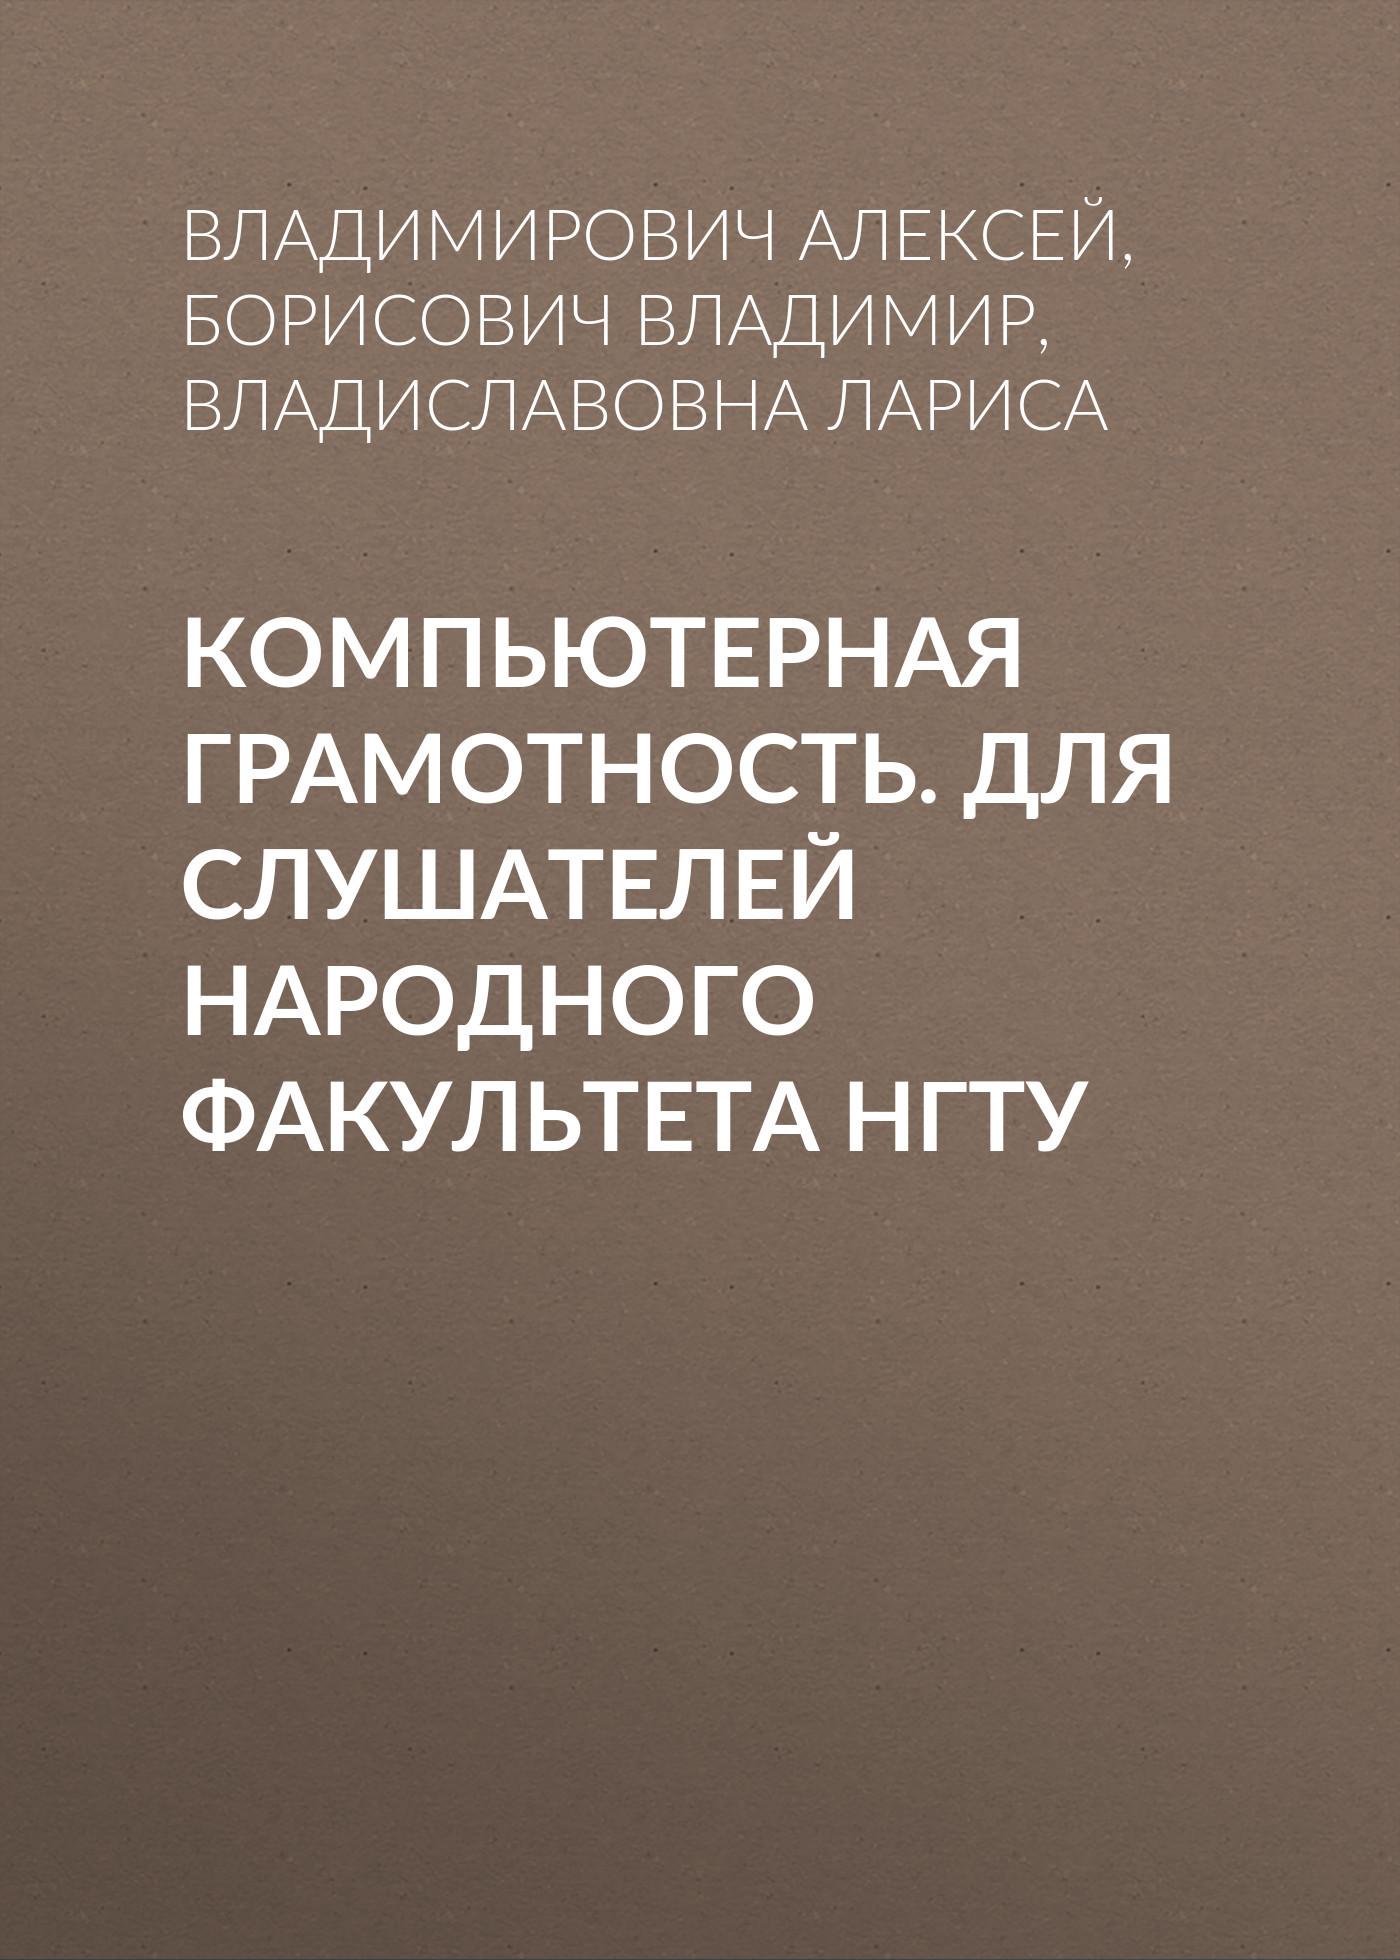 Лариса Прохорова Компьютерная грамотность. Для слушателей Народного факультета НГТУ